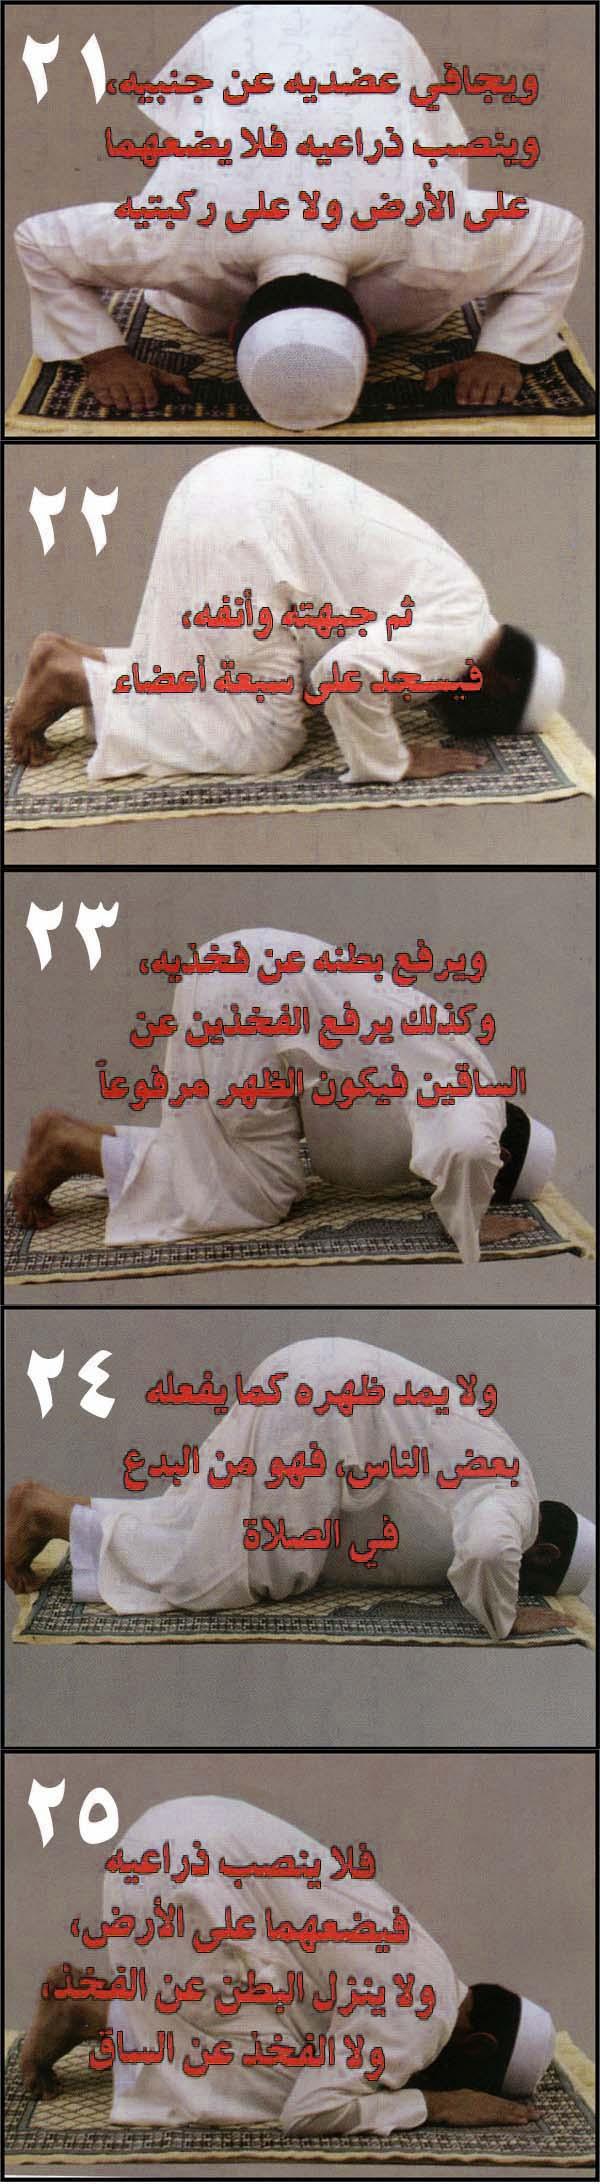 تعلم صفة الصلاة الصحيحة بالصور وعلّم أبنائك وأهل بيتك بأسهل طريقة ( صور)